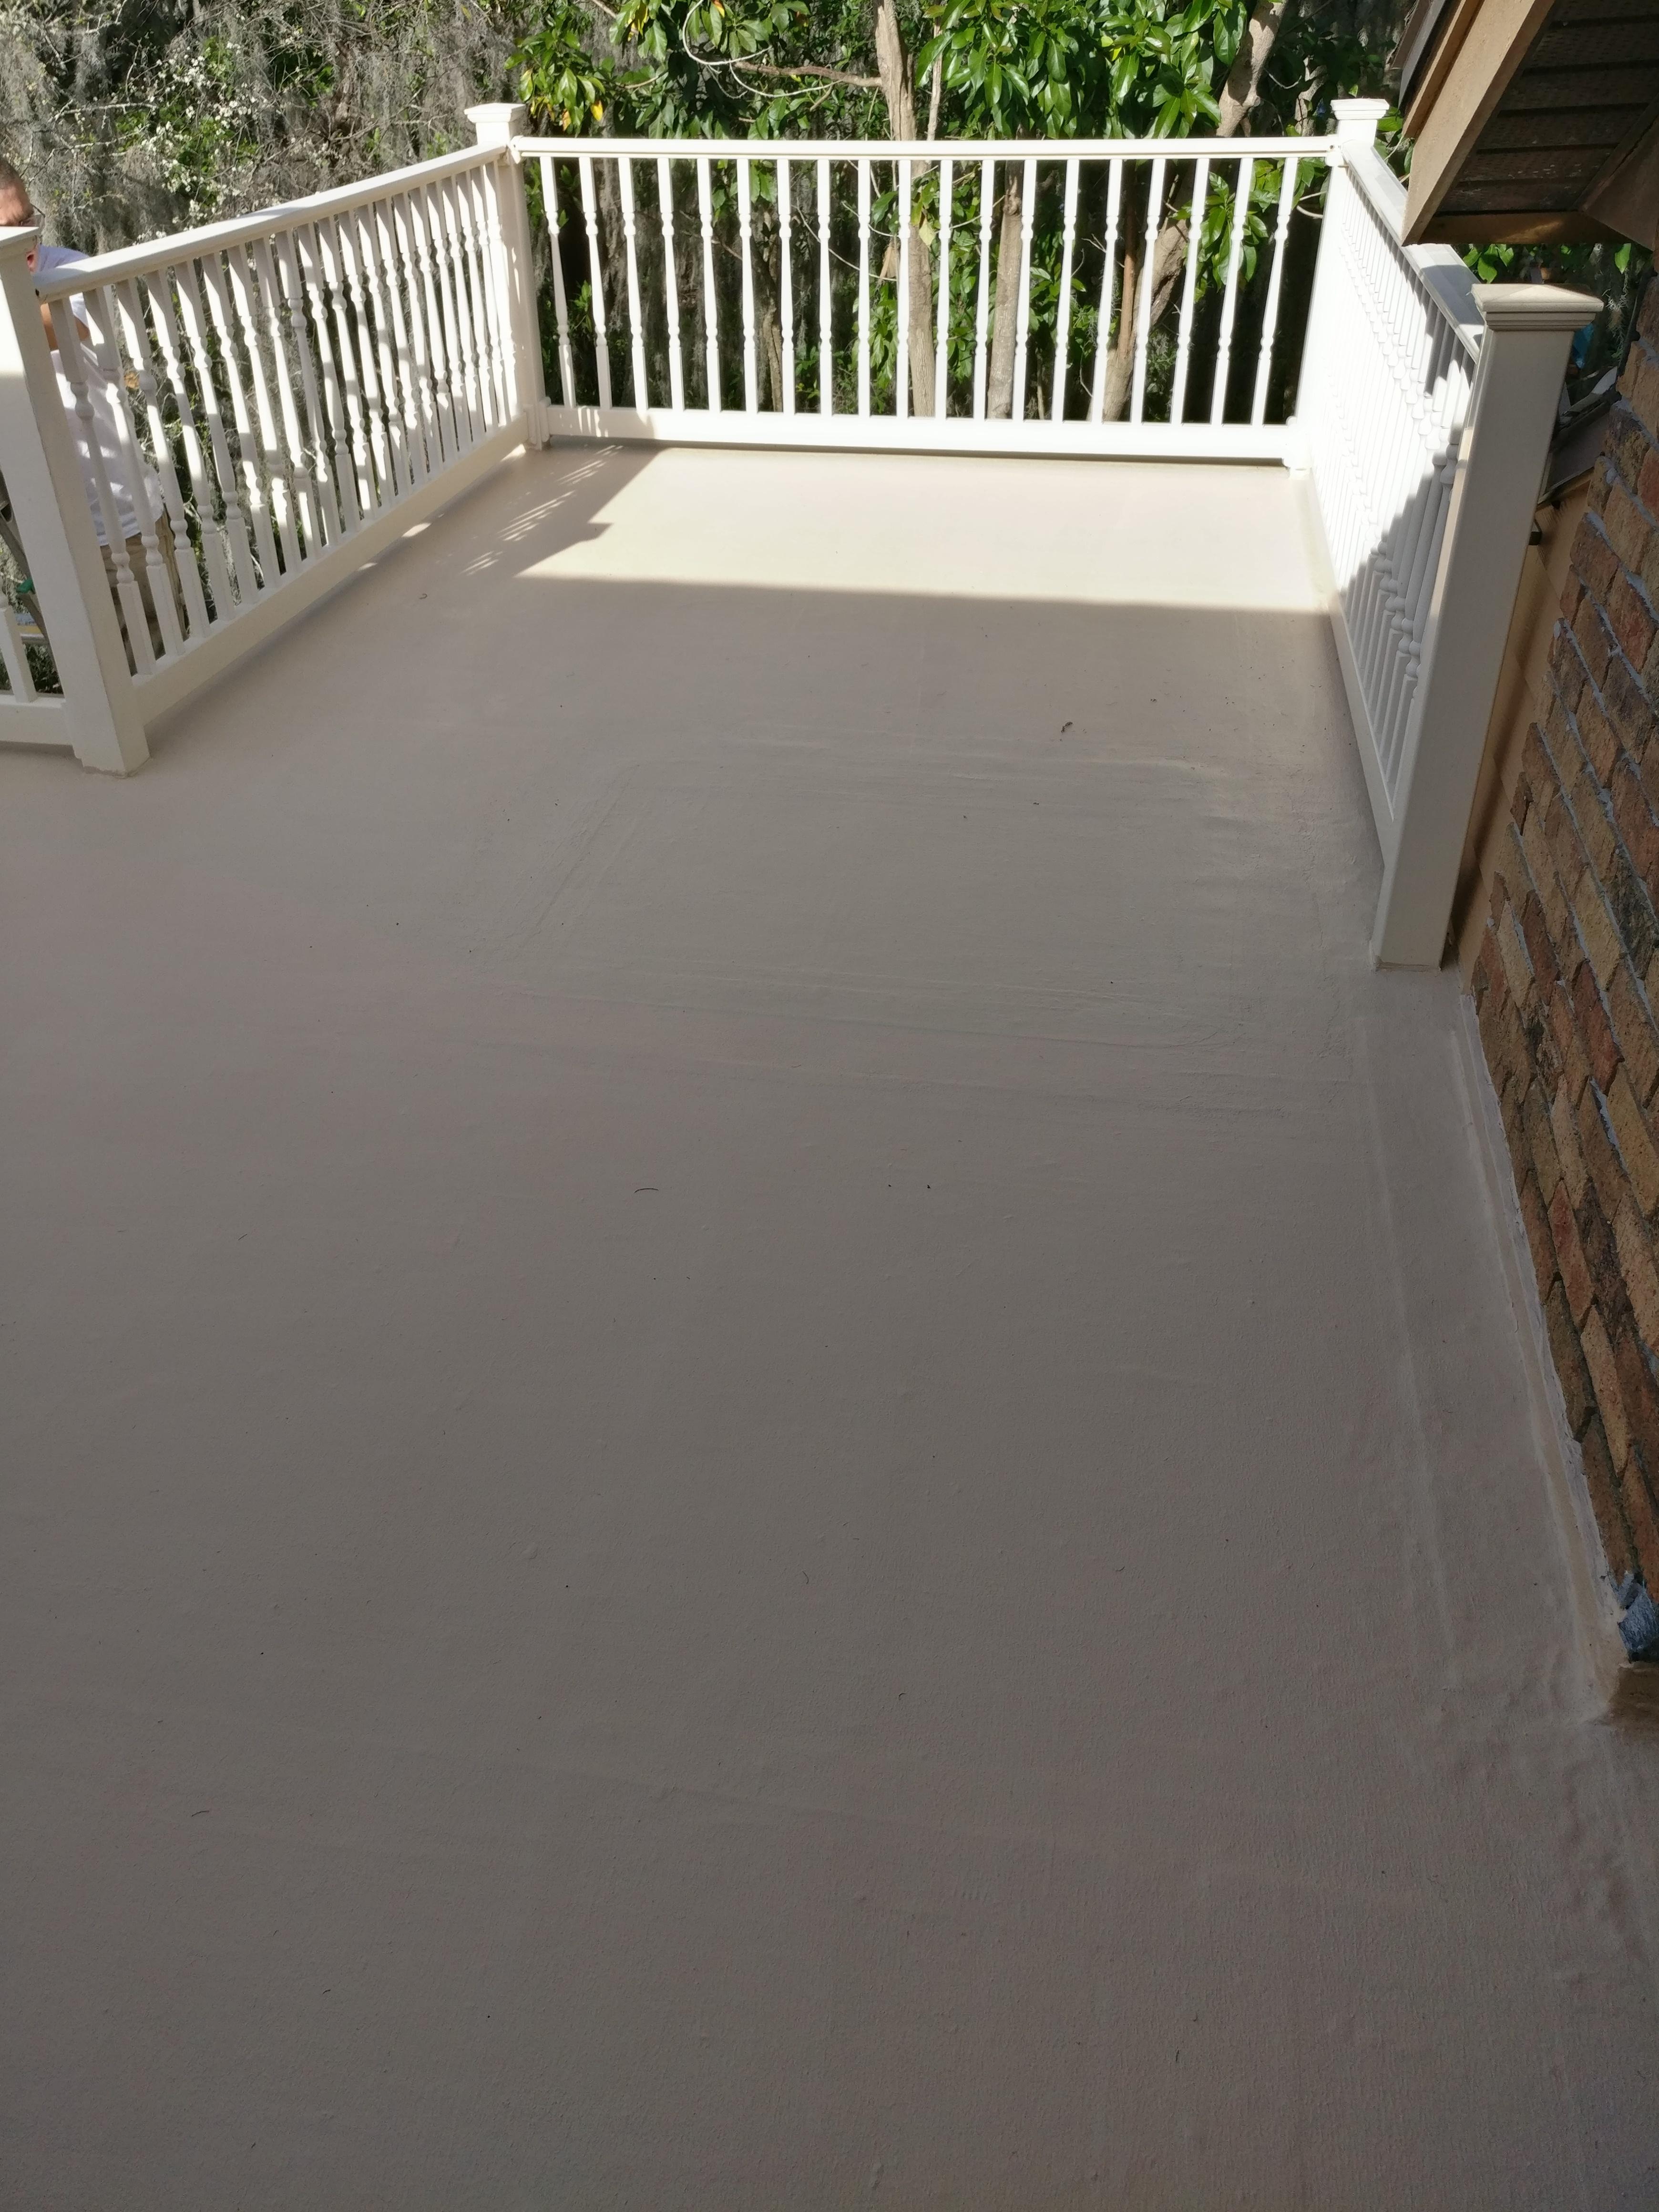 Sealoflex deck repair for Balcony repairs